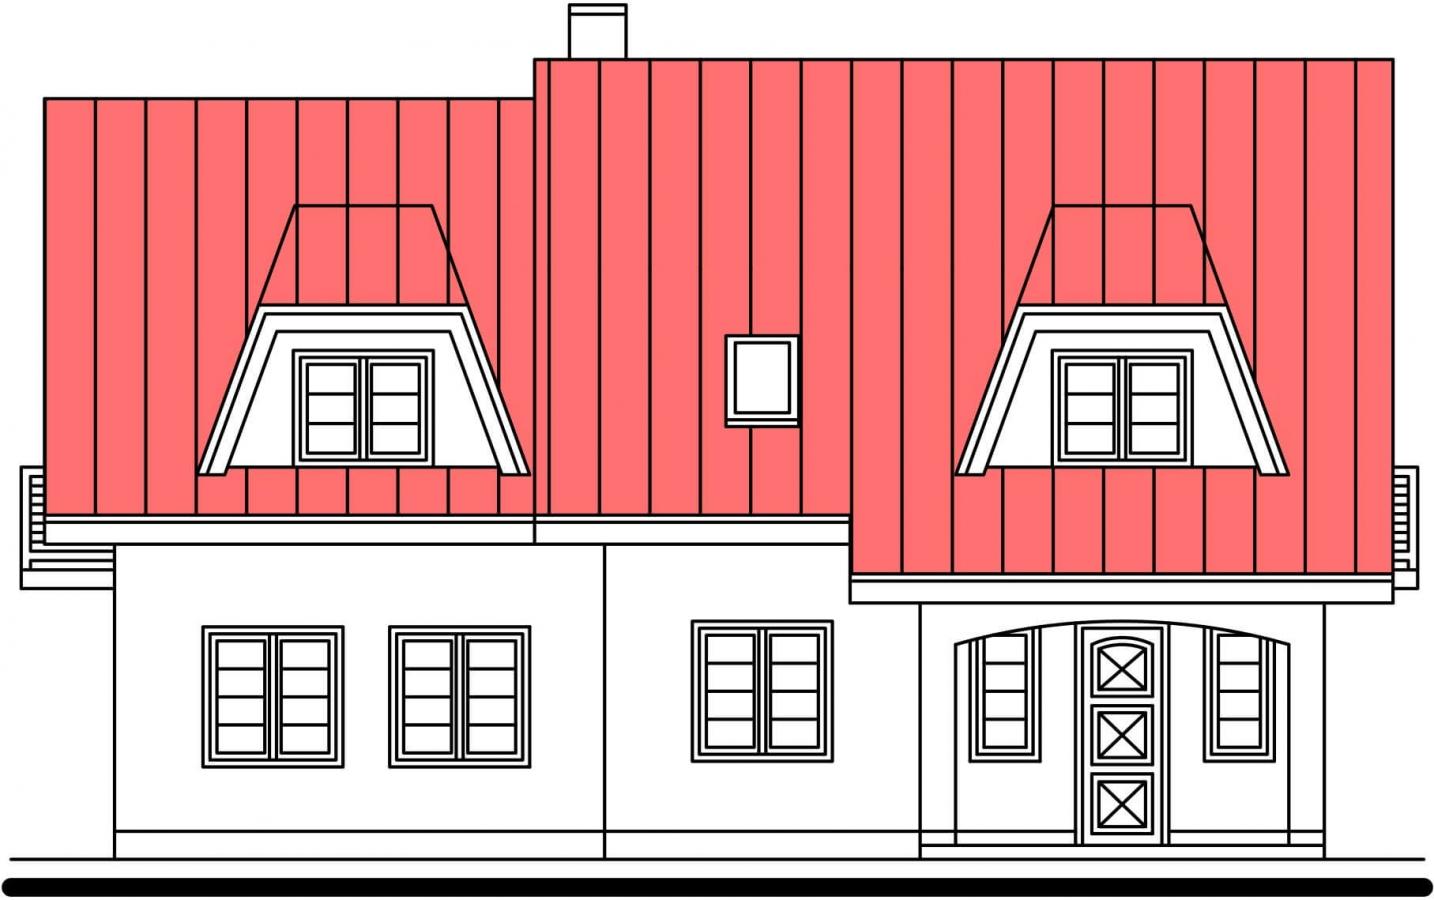 Pohľad 1. - Vidiecky rodinný dom